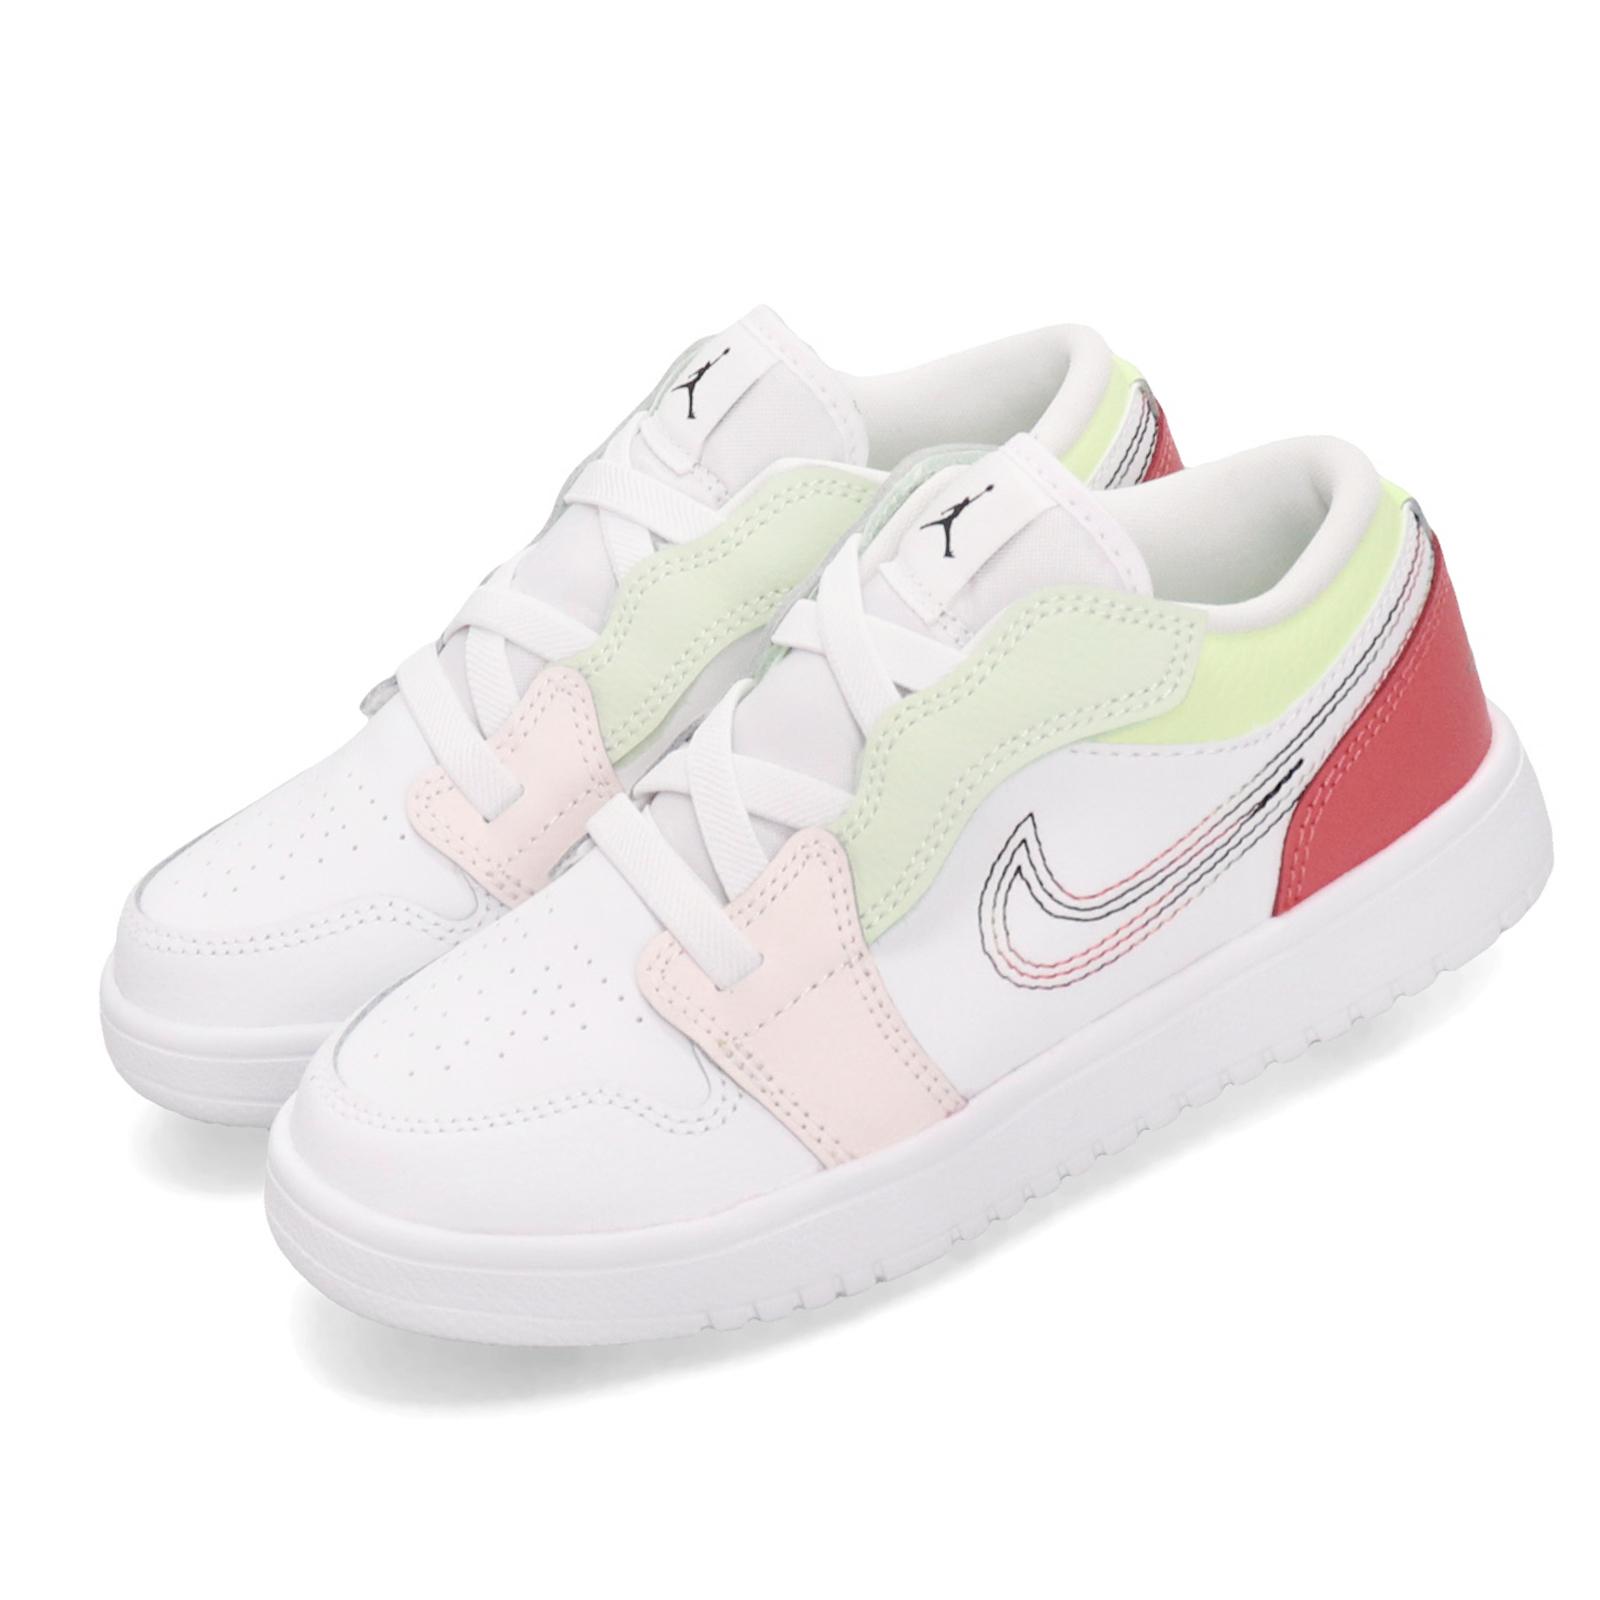 Nike 休閒鞋 Jordan 1 Low 童鞋 CD7226-176